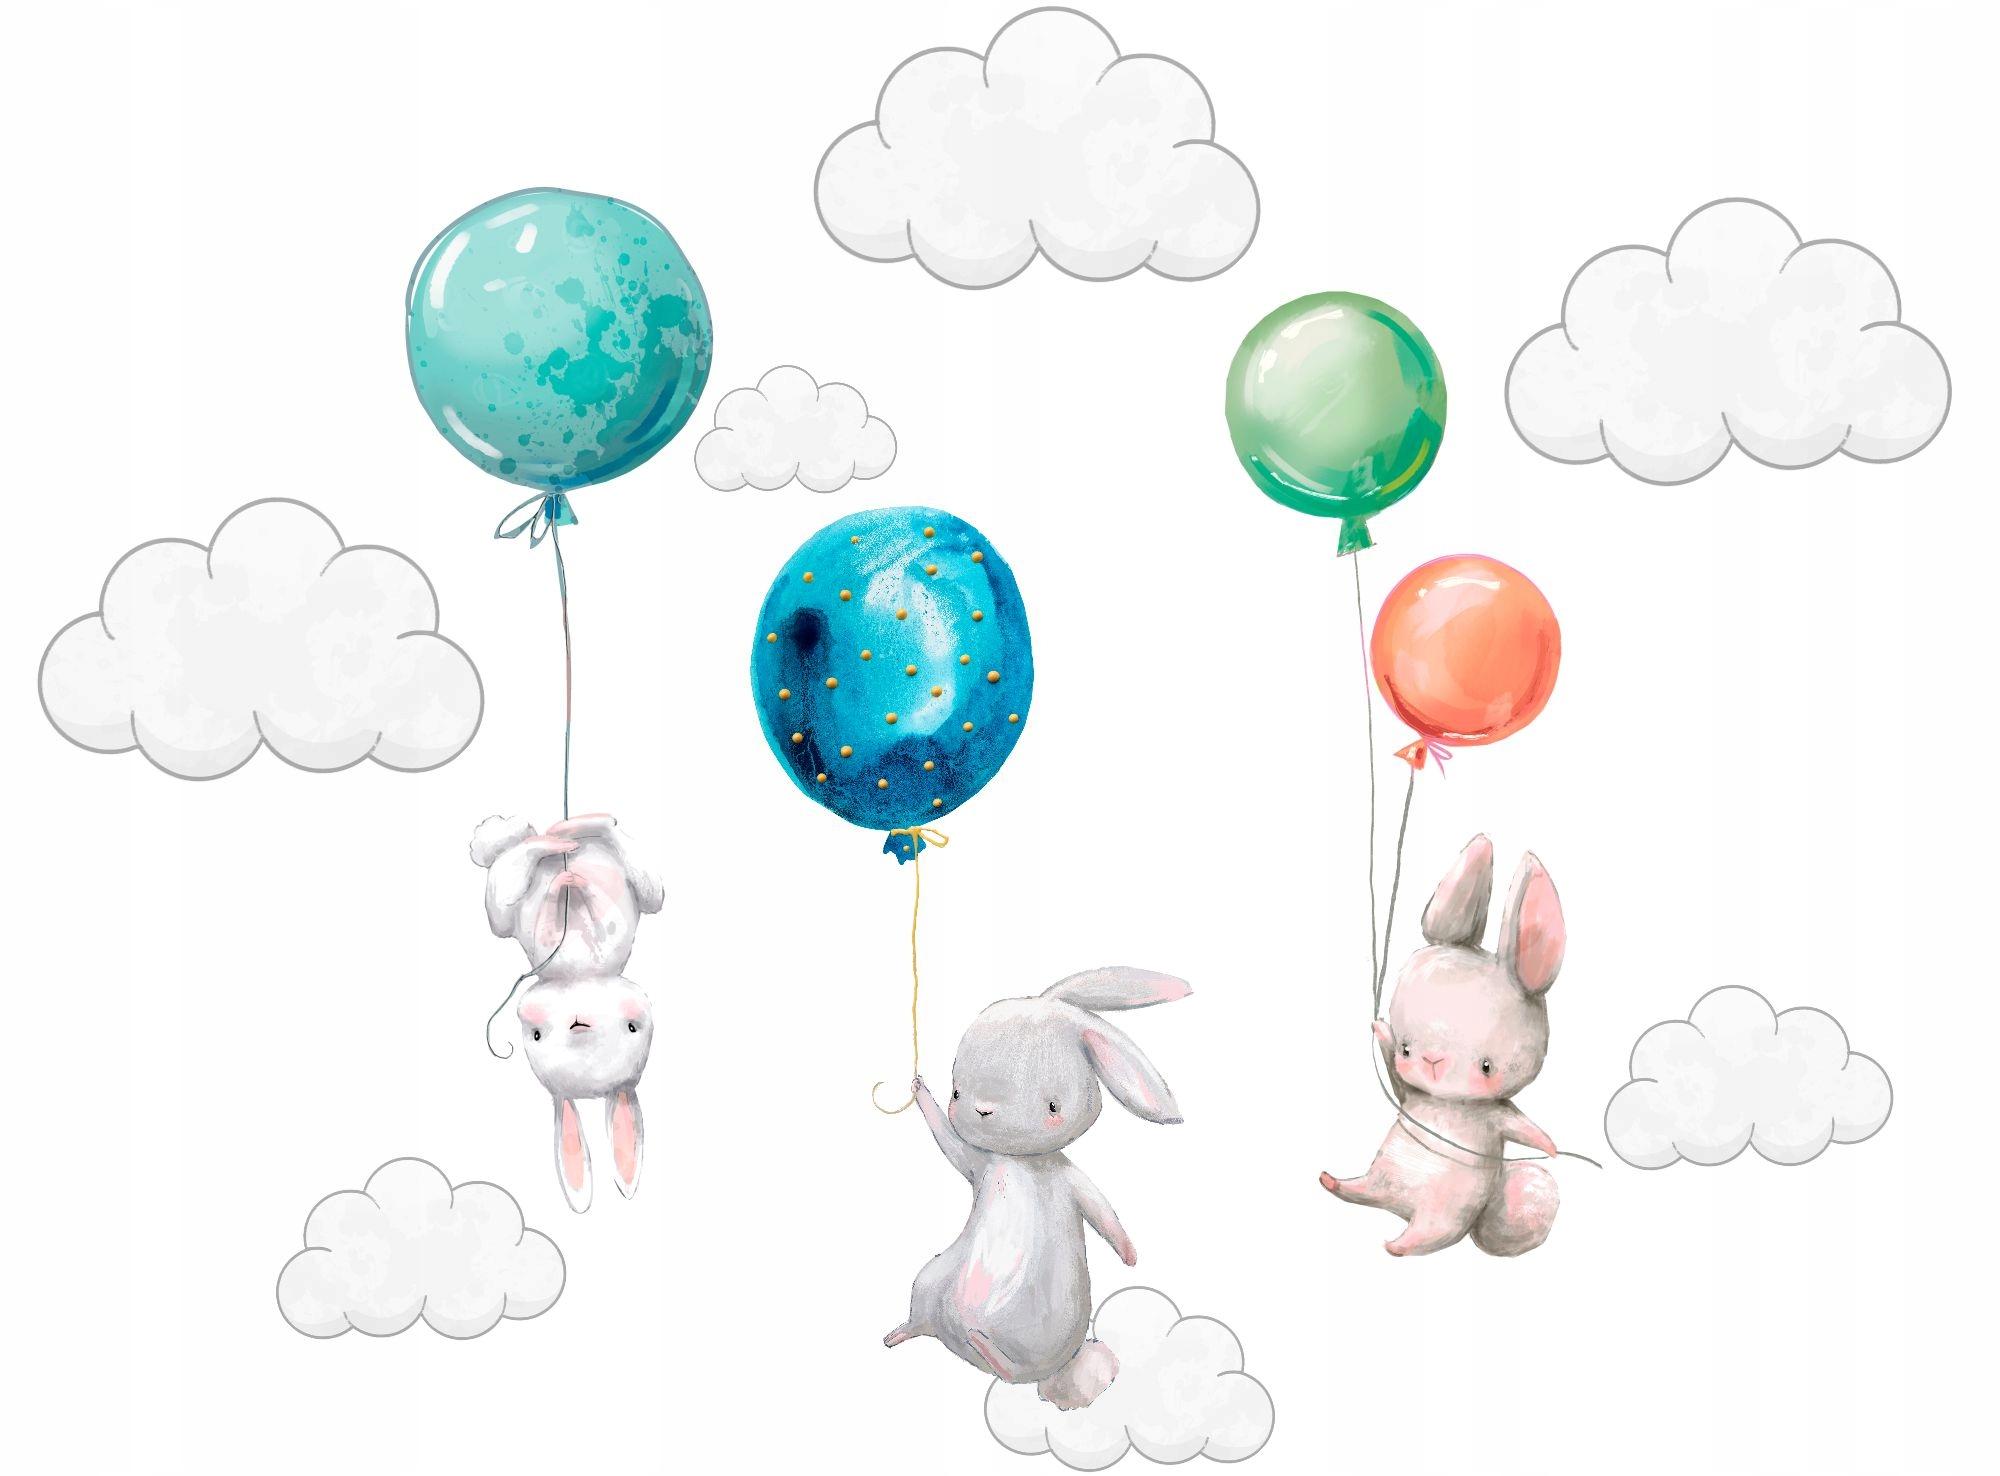 Настенные наклейки Bunnies воздушного шара для детей 100